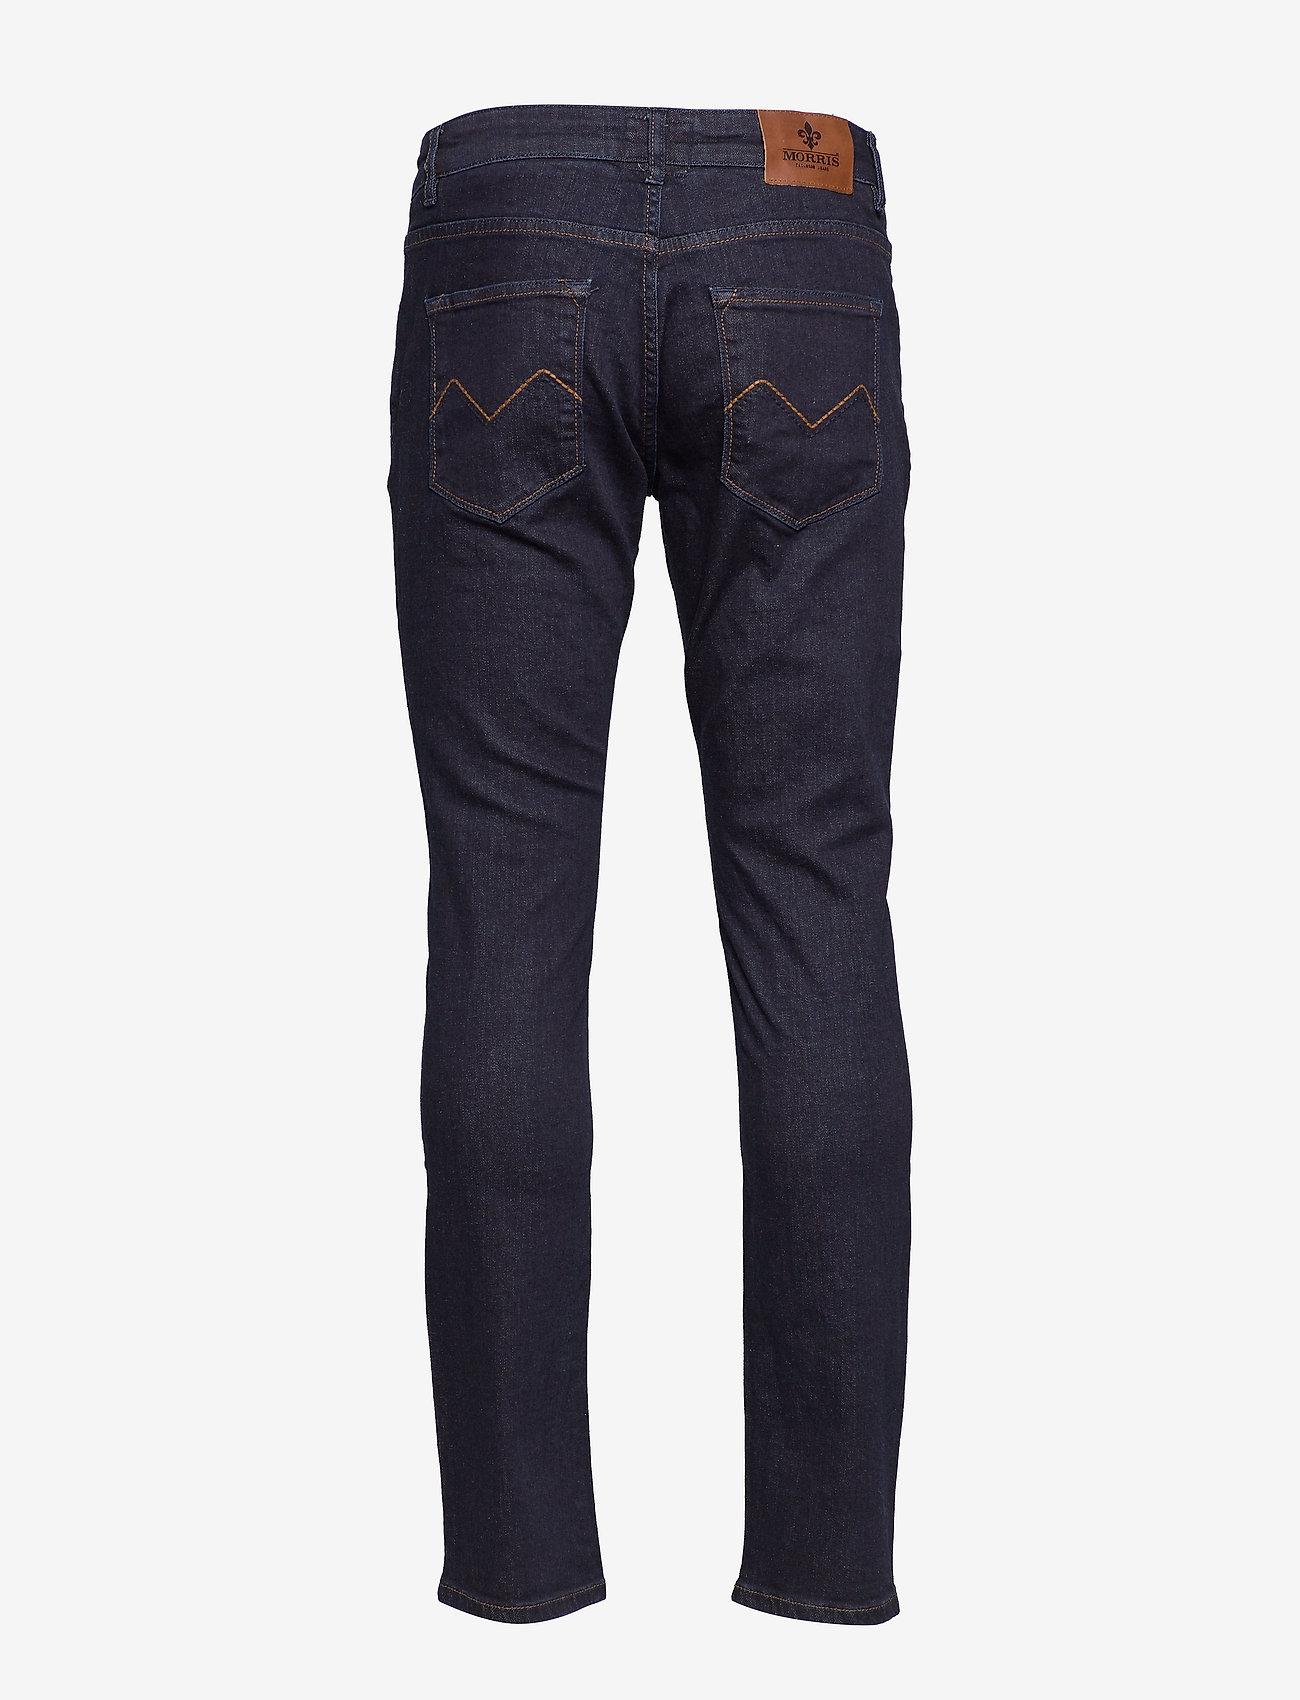 Morris Steve Jeans - Jeans BLUE - Menn Klær